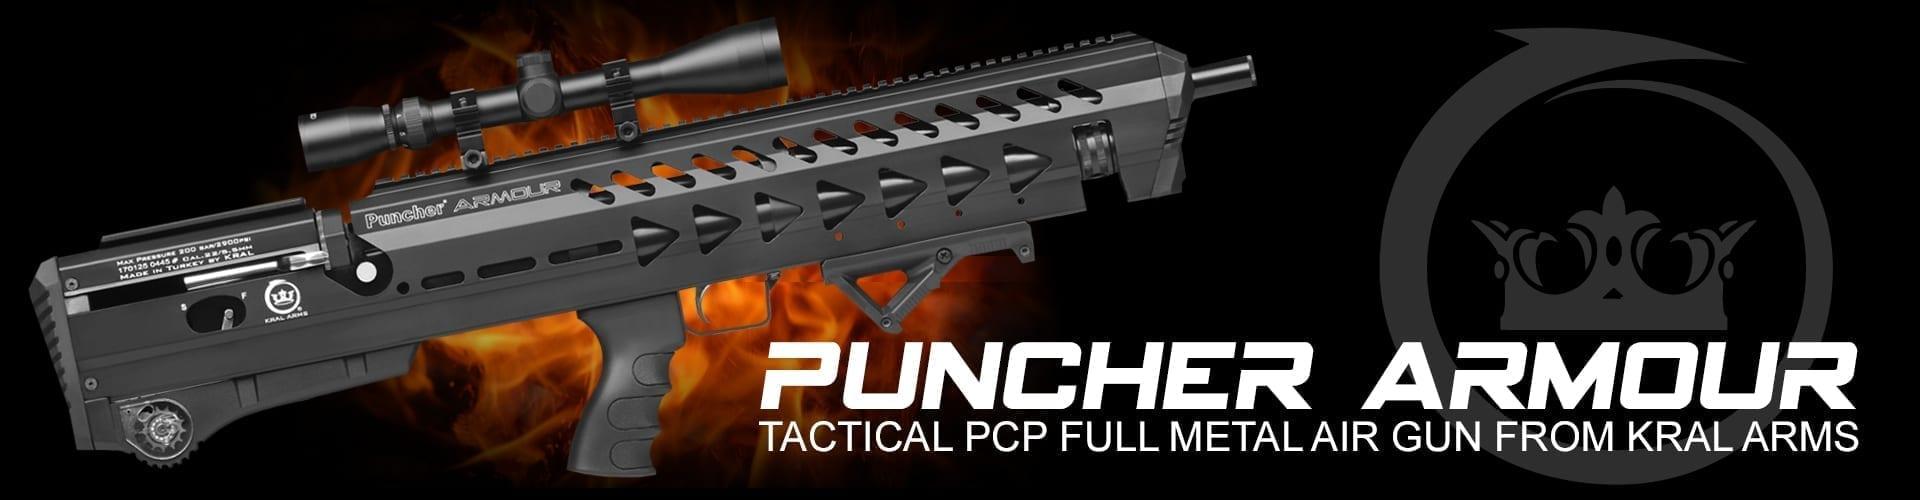 puncher armour PCP full metal air gun